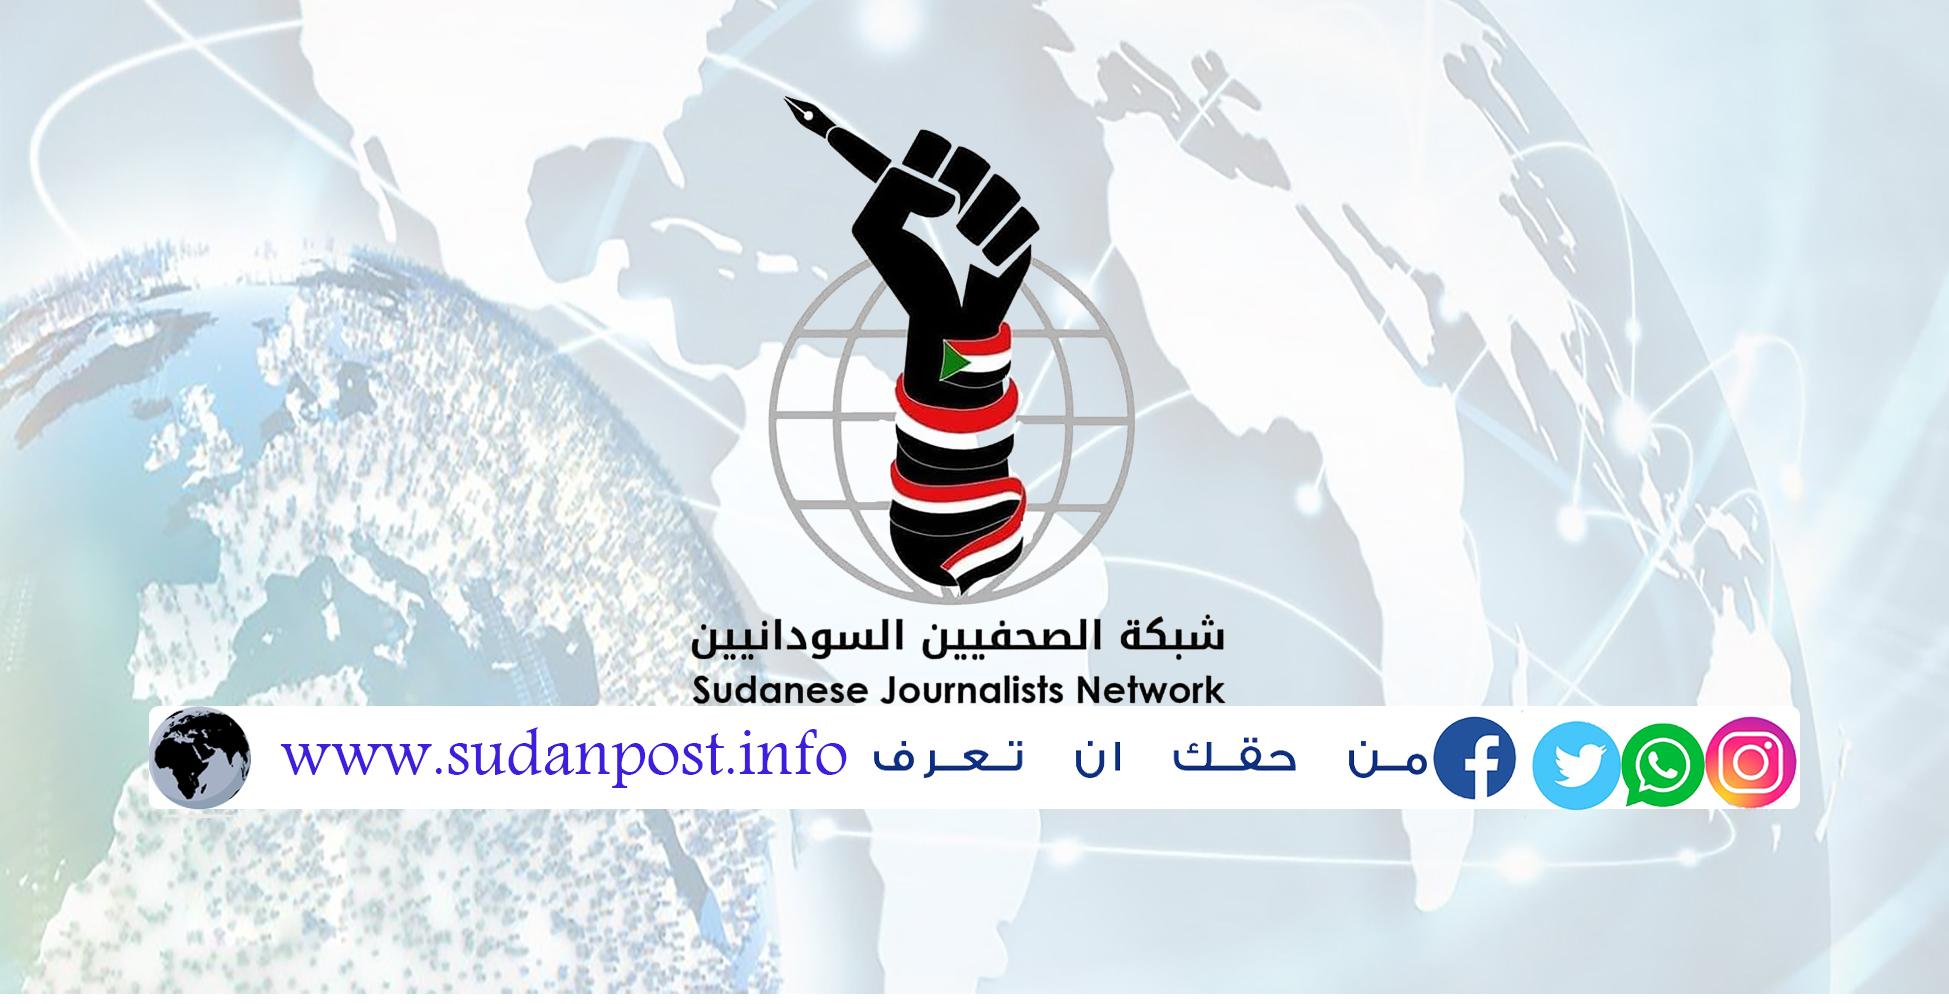 شبكة الصحفيين السودانيين ترفض لقاء حمدوك ببعض الصحفيين